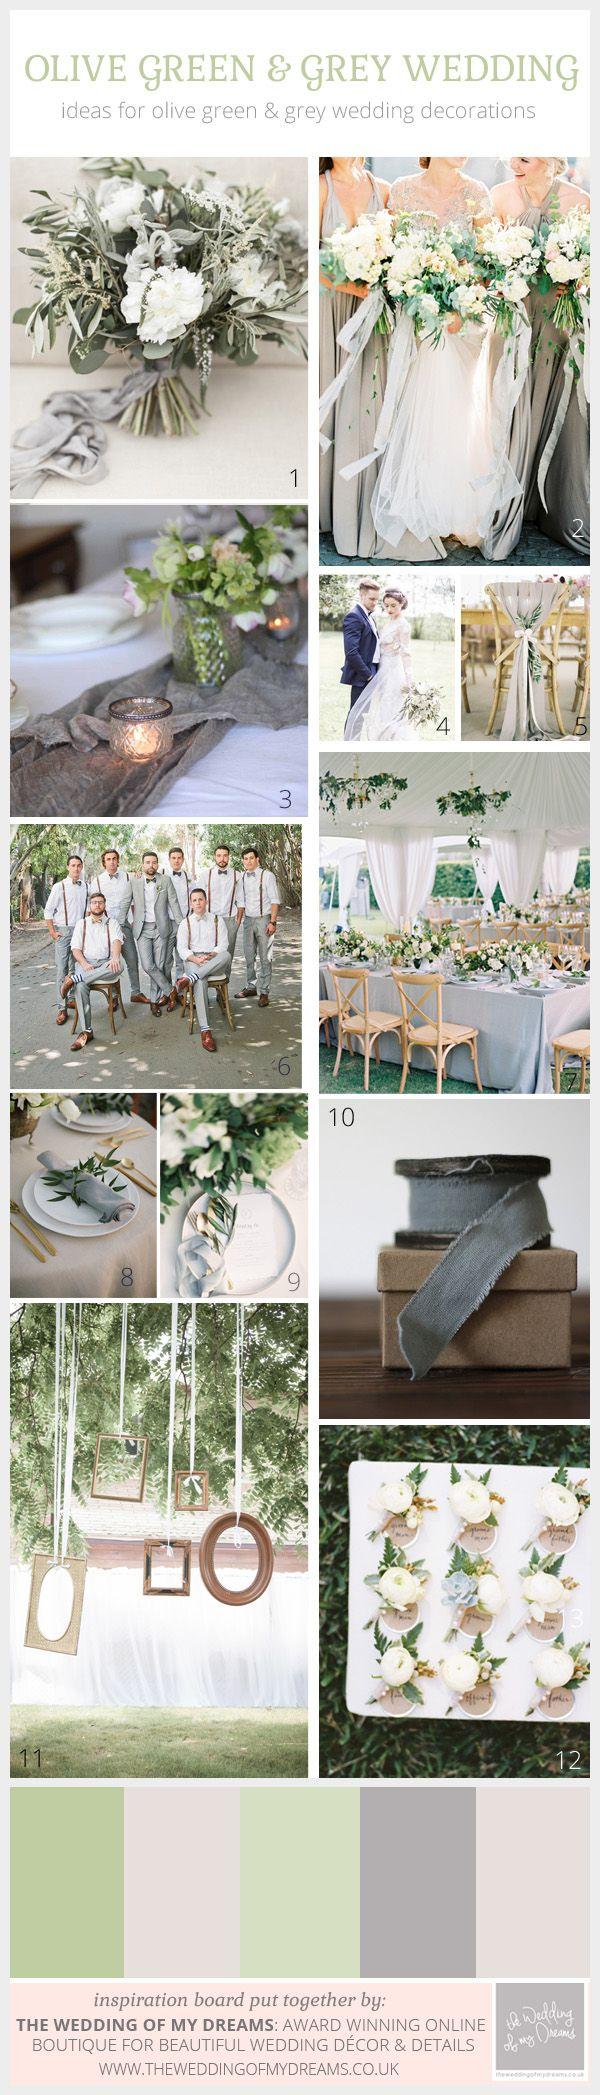 An Olive Green and Grey Wedding Colour Scheme #theweddingofmydreams  @theweddingomd